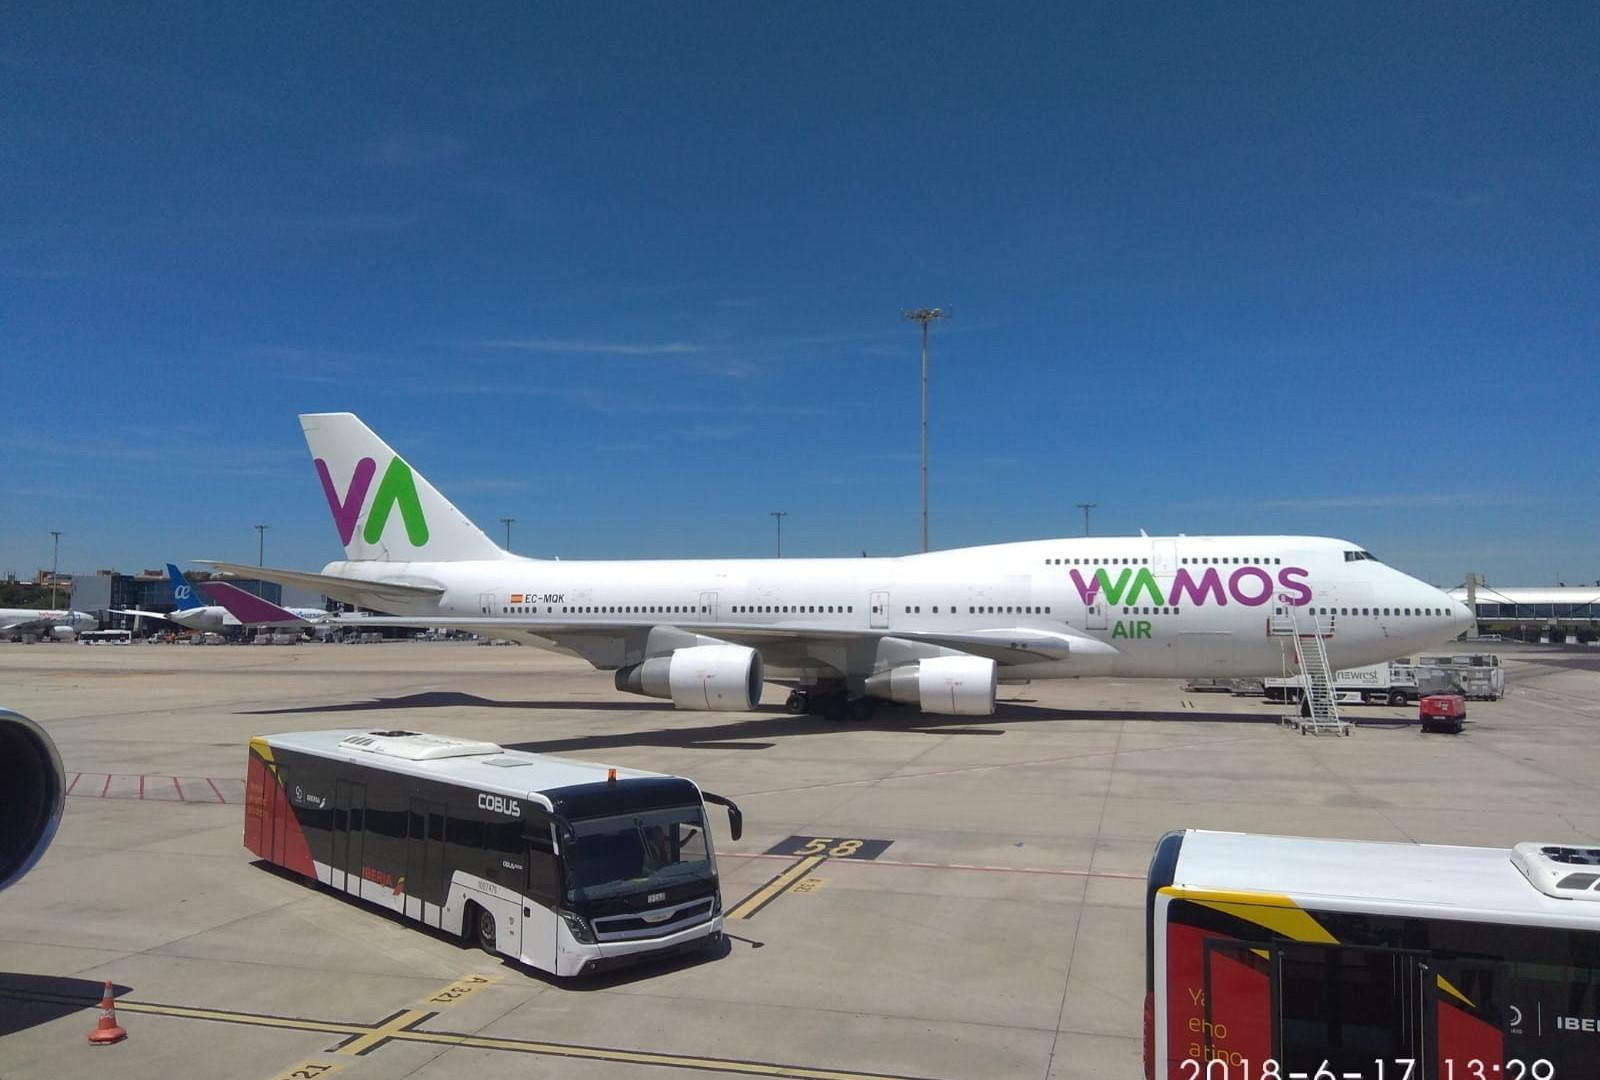 WAMOS AIR - AVION 03-min.jpg